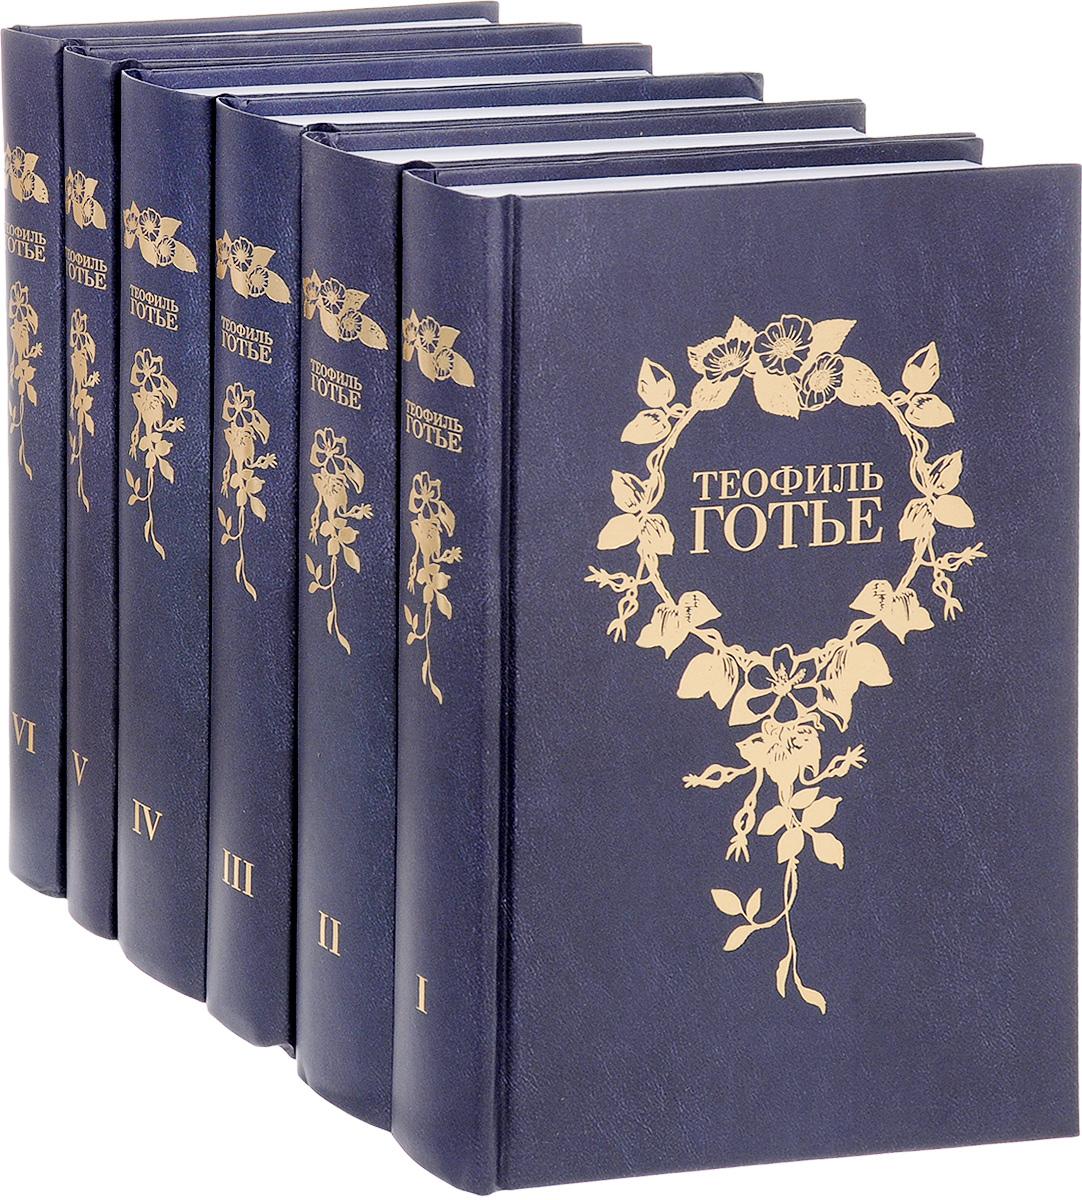 Теофиль Готье Теофиль Готье. Собрание сочинений. В 6 томах (комплект из 6 книг)